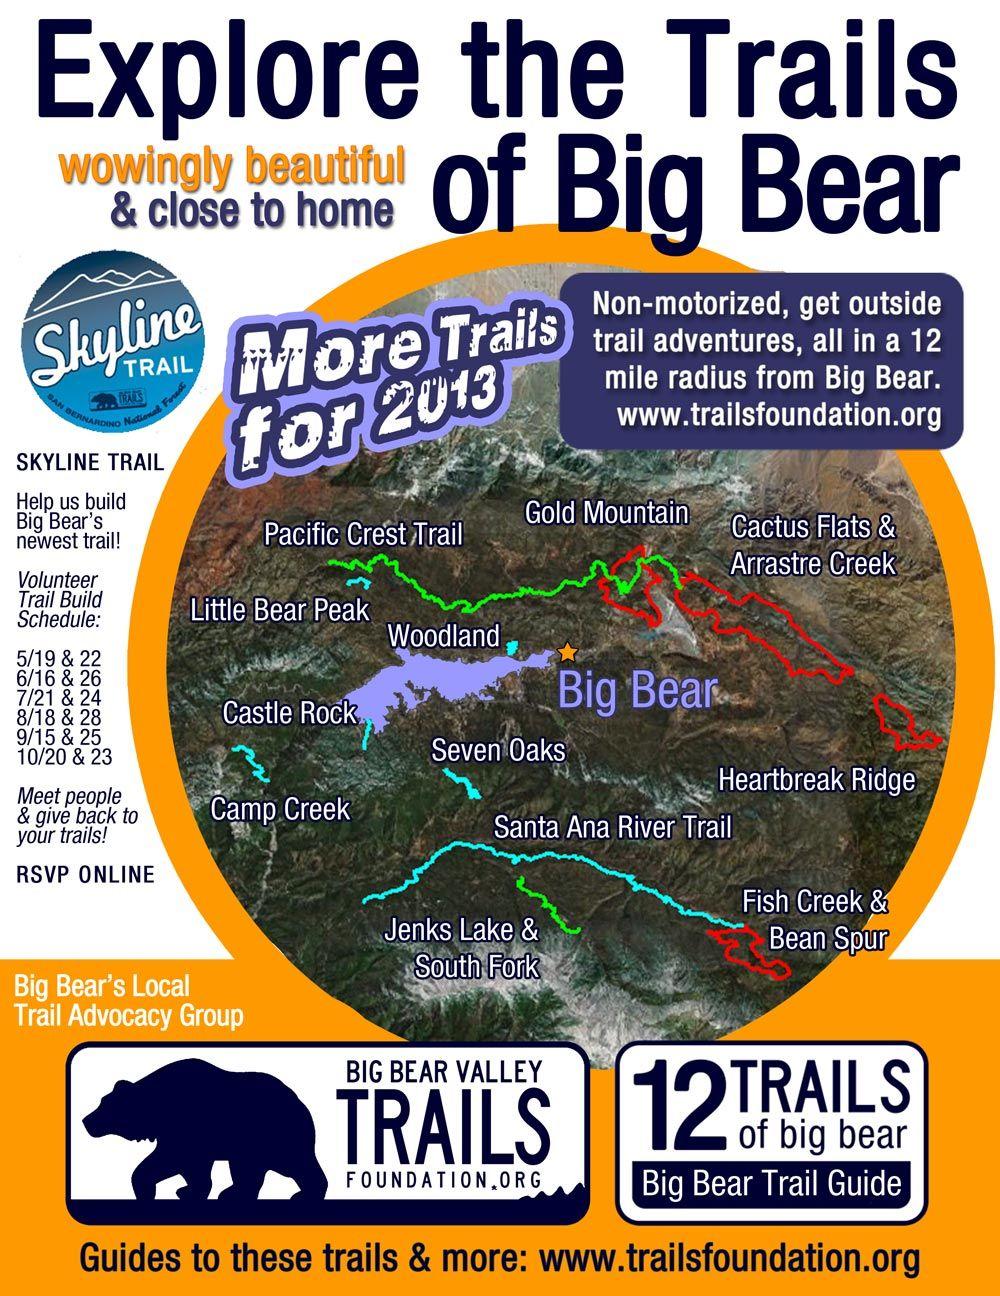 12 Trails | Big Bear Valley Trails Foundation | Big bear